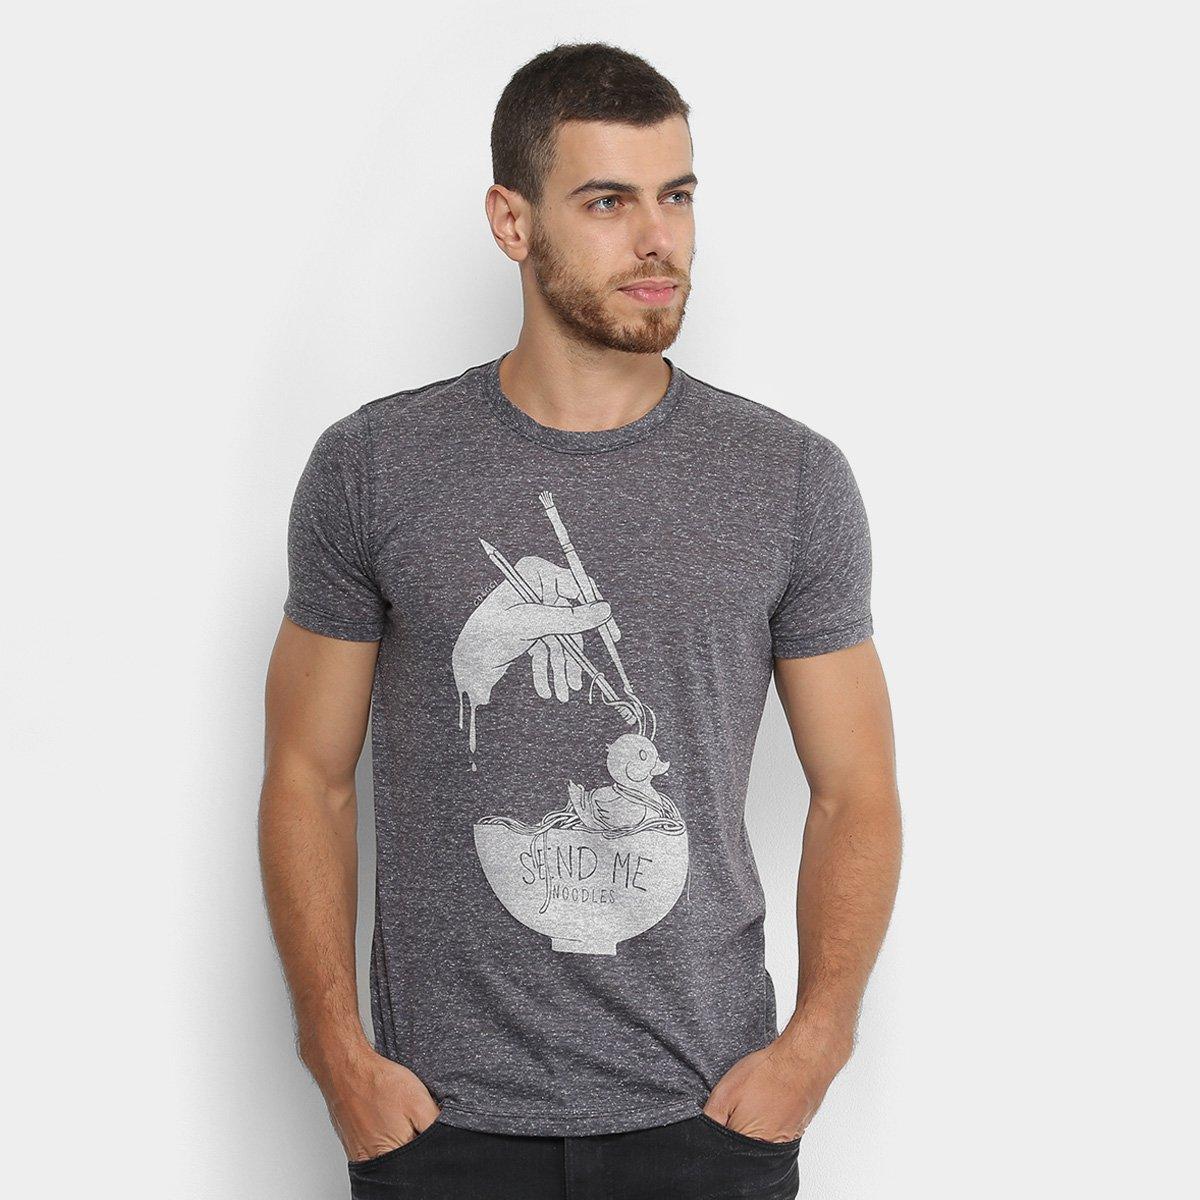 0eb0c31808 Camiseta Manga Curta Colcci Estampada Masculina - Preto - Compre ...